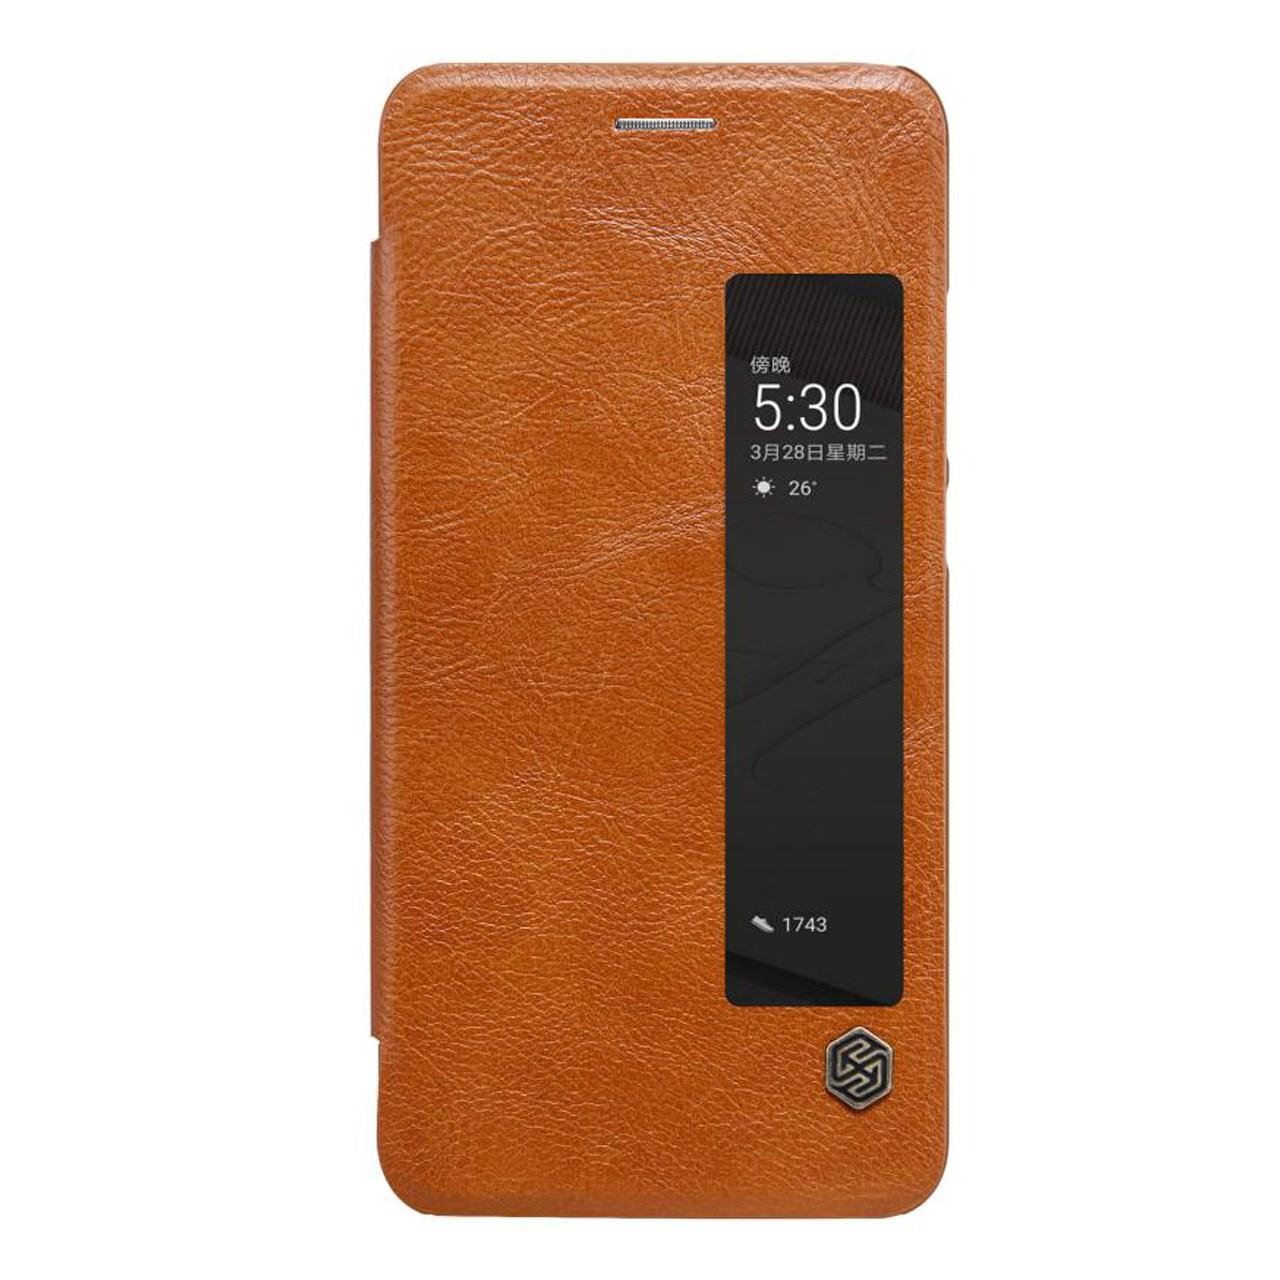 کیف کلاسوری نیلکین مدل Qin مناسب برای گوشی موبایل هواوی P10 Plus